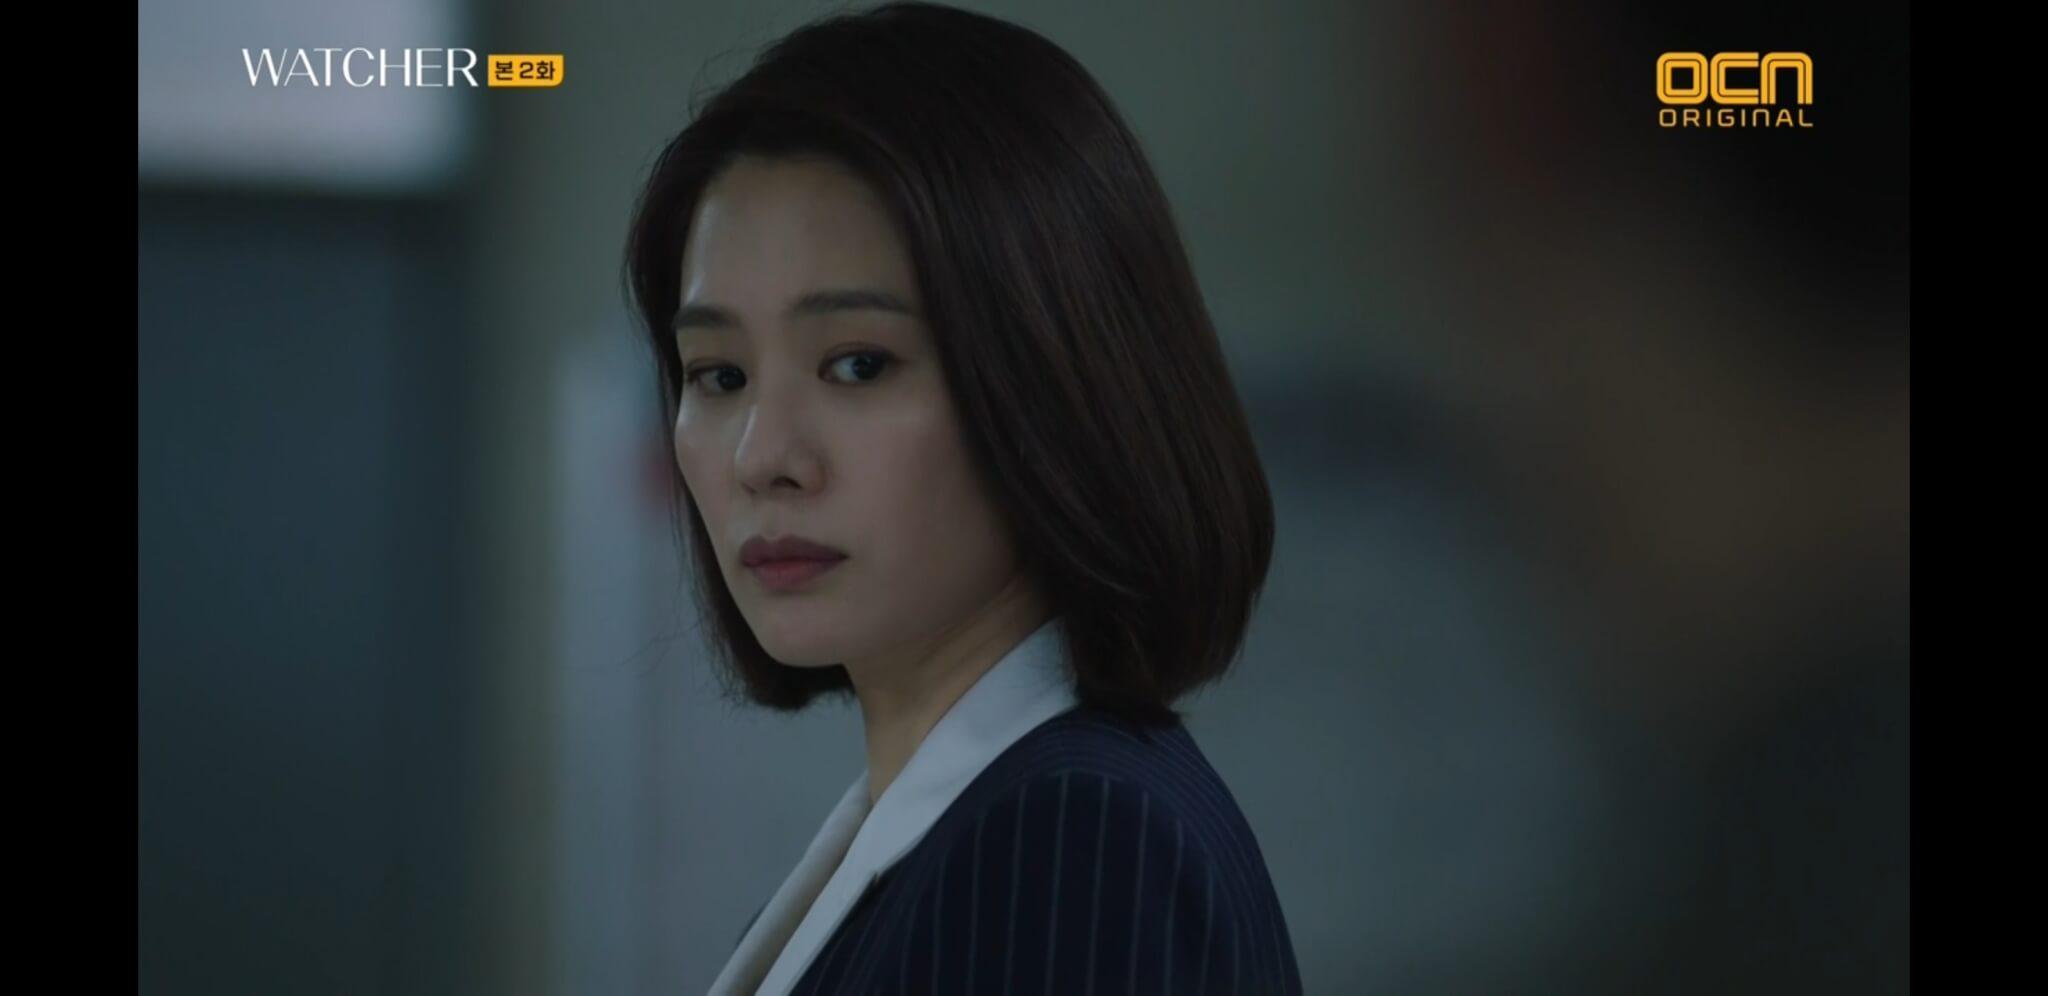 金賢珠在劇中飾演的律師作風奇特,喜歡為權貴辦事,更喜歡把事情鬧大,讓壞人們狗咬狗骨。